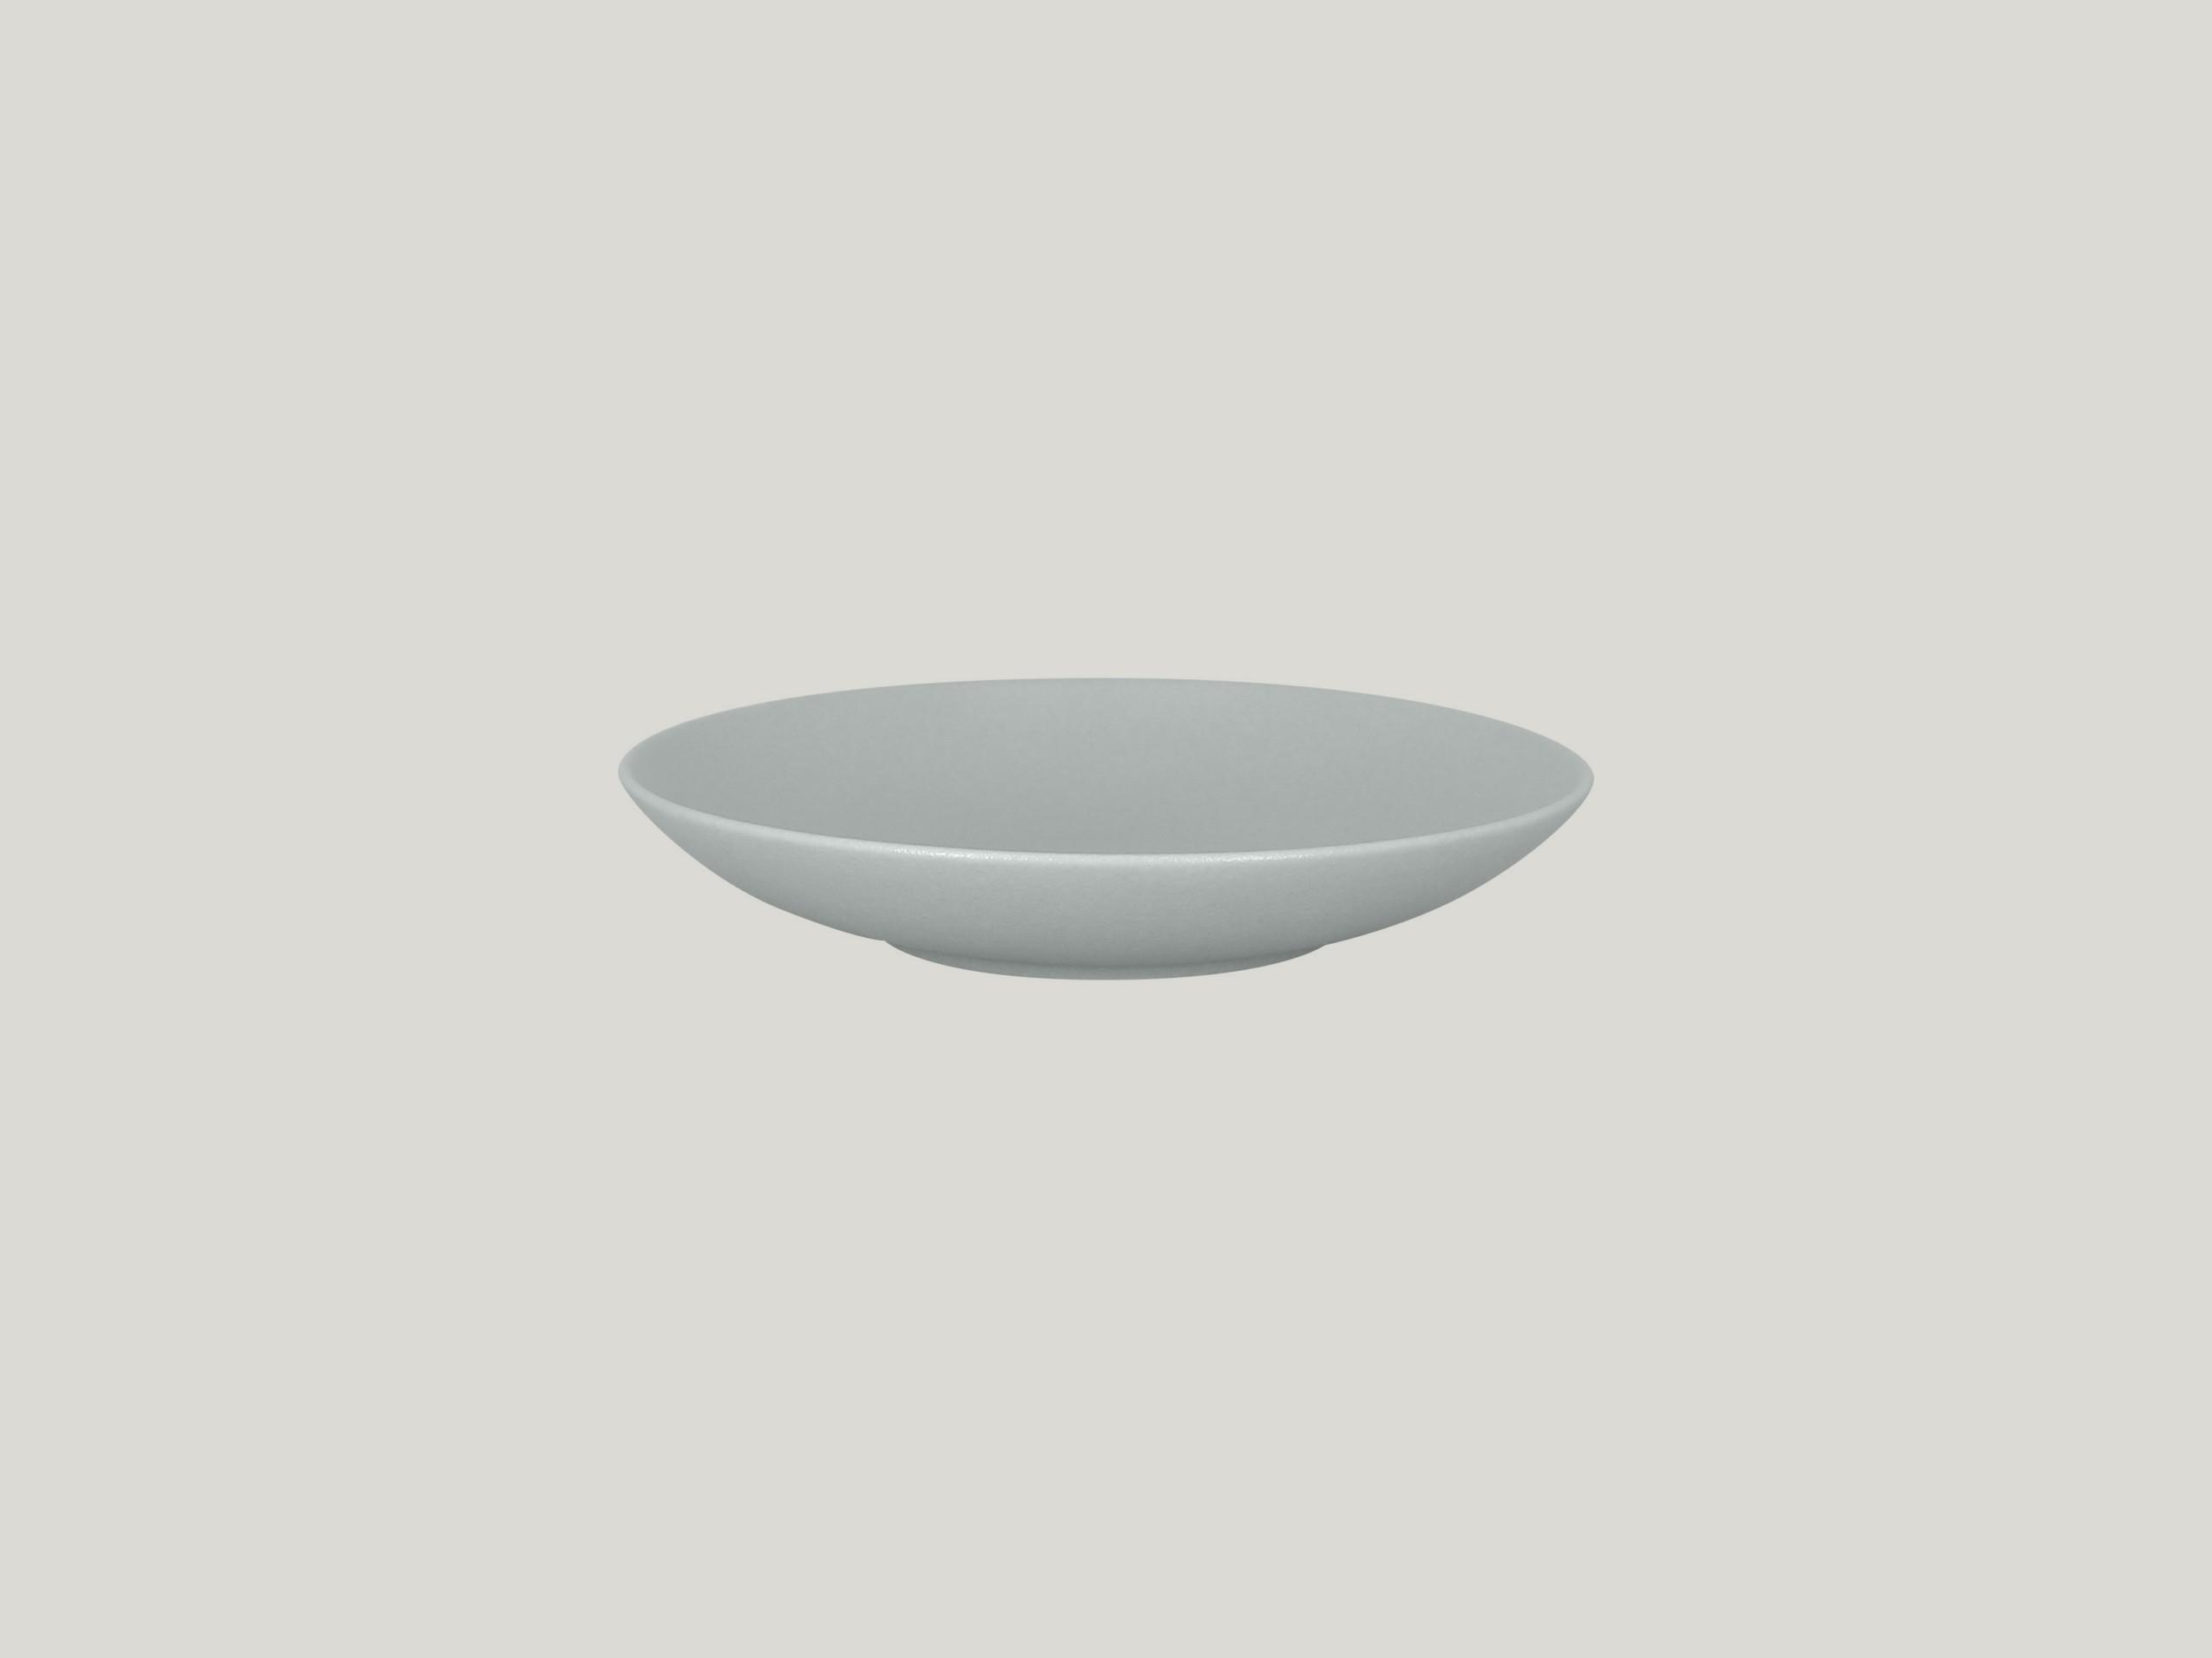 Talíř hluboký coupe 23 cm - šedá